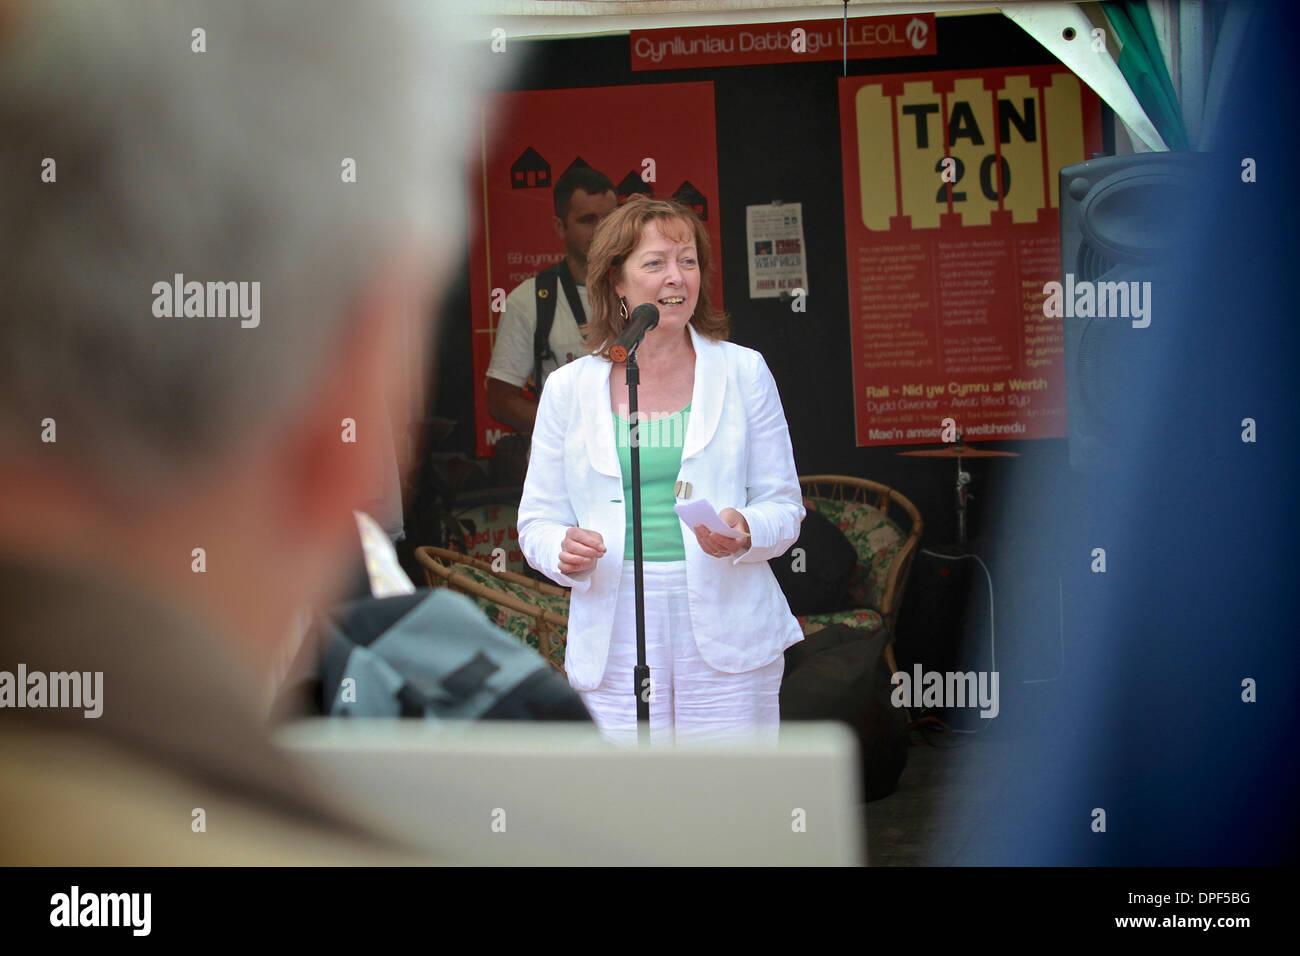 Jill Evans, MEP, el Plaid Cymru Miembro del Parlamento Europeo por el País de Gales. Presidente del CDE Cymru ex Presidente de Plaid Cymru. Imagen De Stock